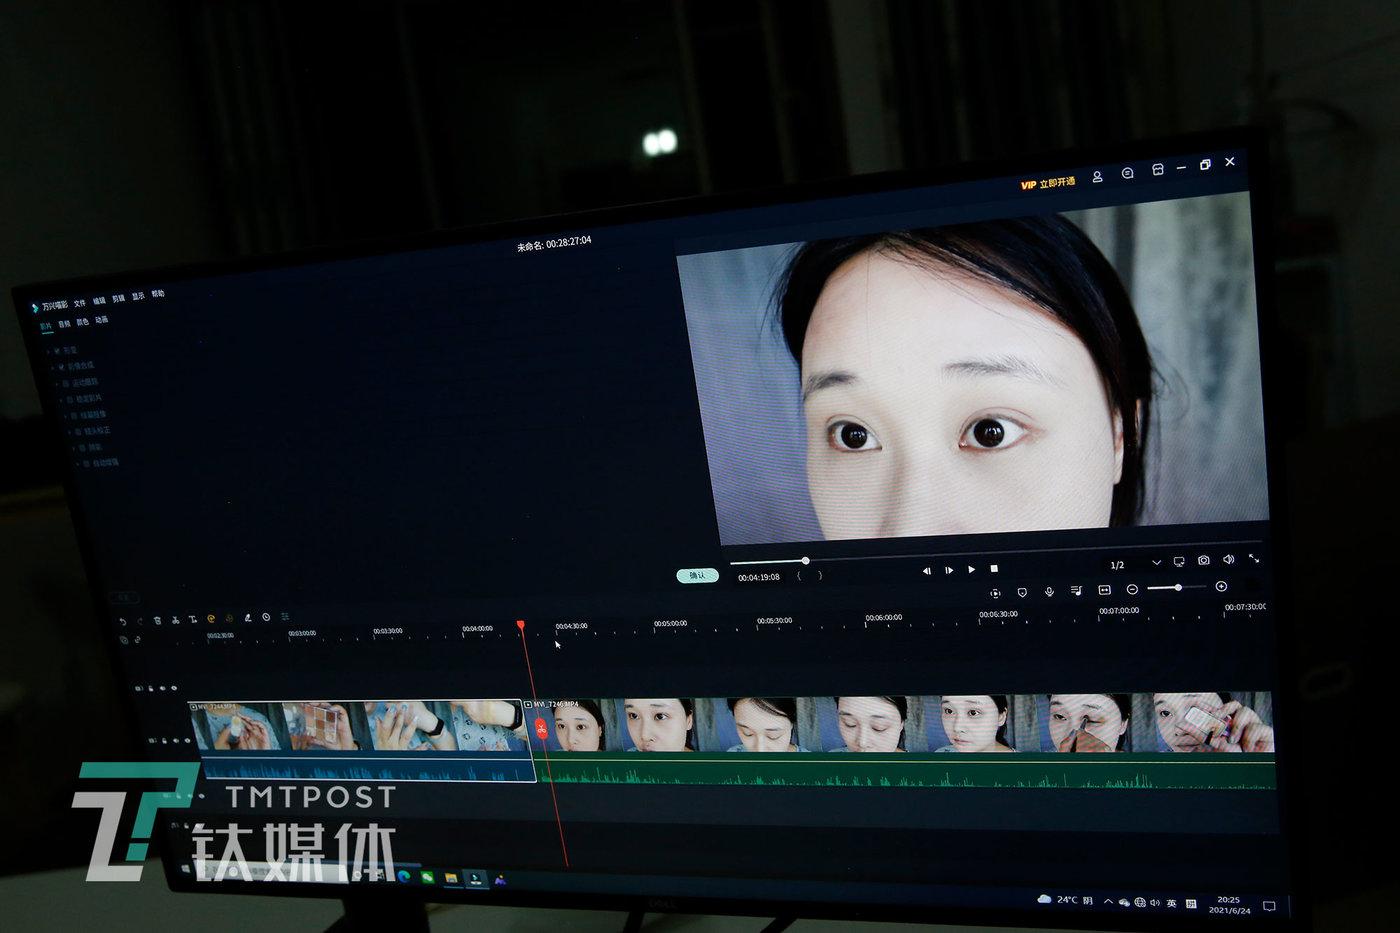 瞻云云视频剪辑的画面。